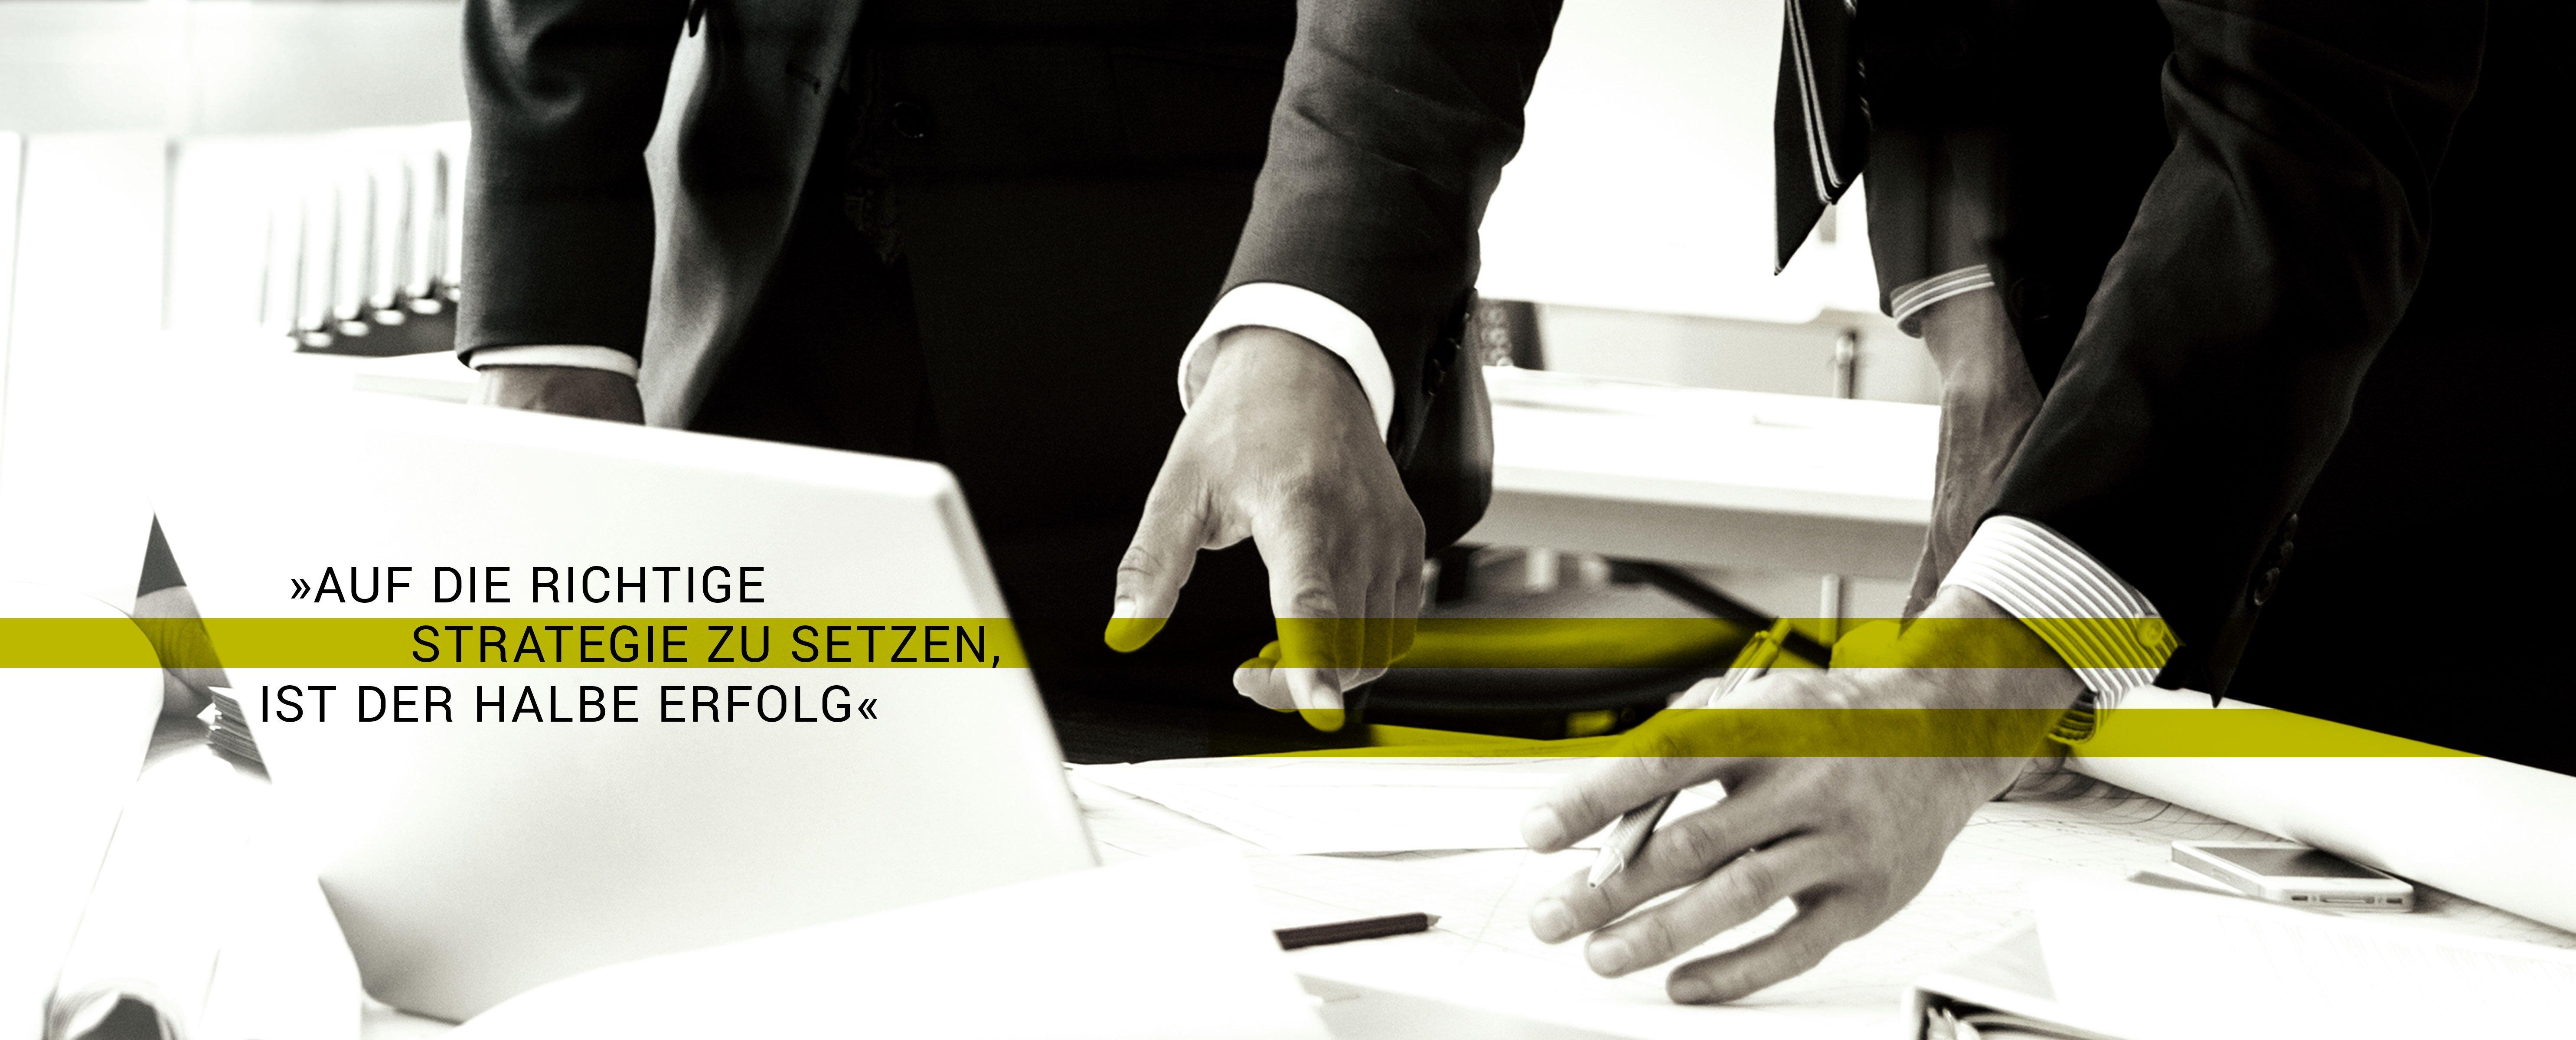 REI_bebilderung_KA_Office_100x40cm_RGB_mit-streifen-mit-text